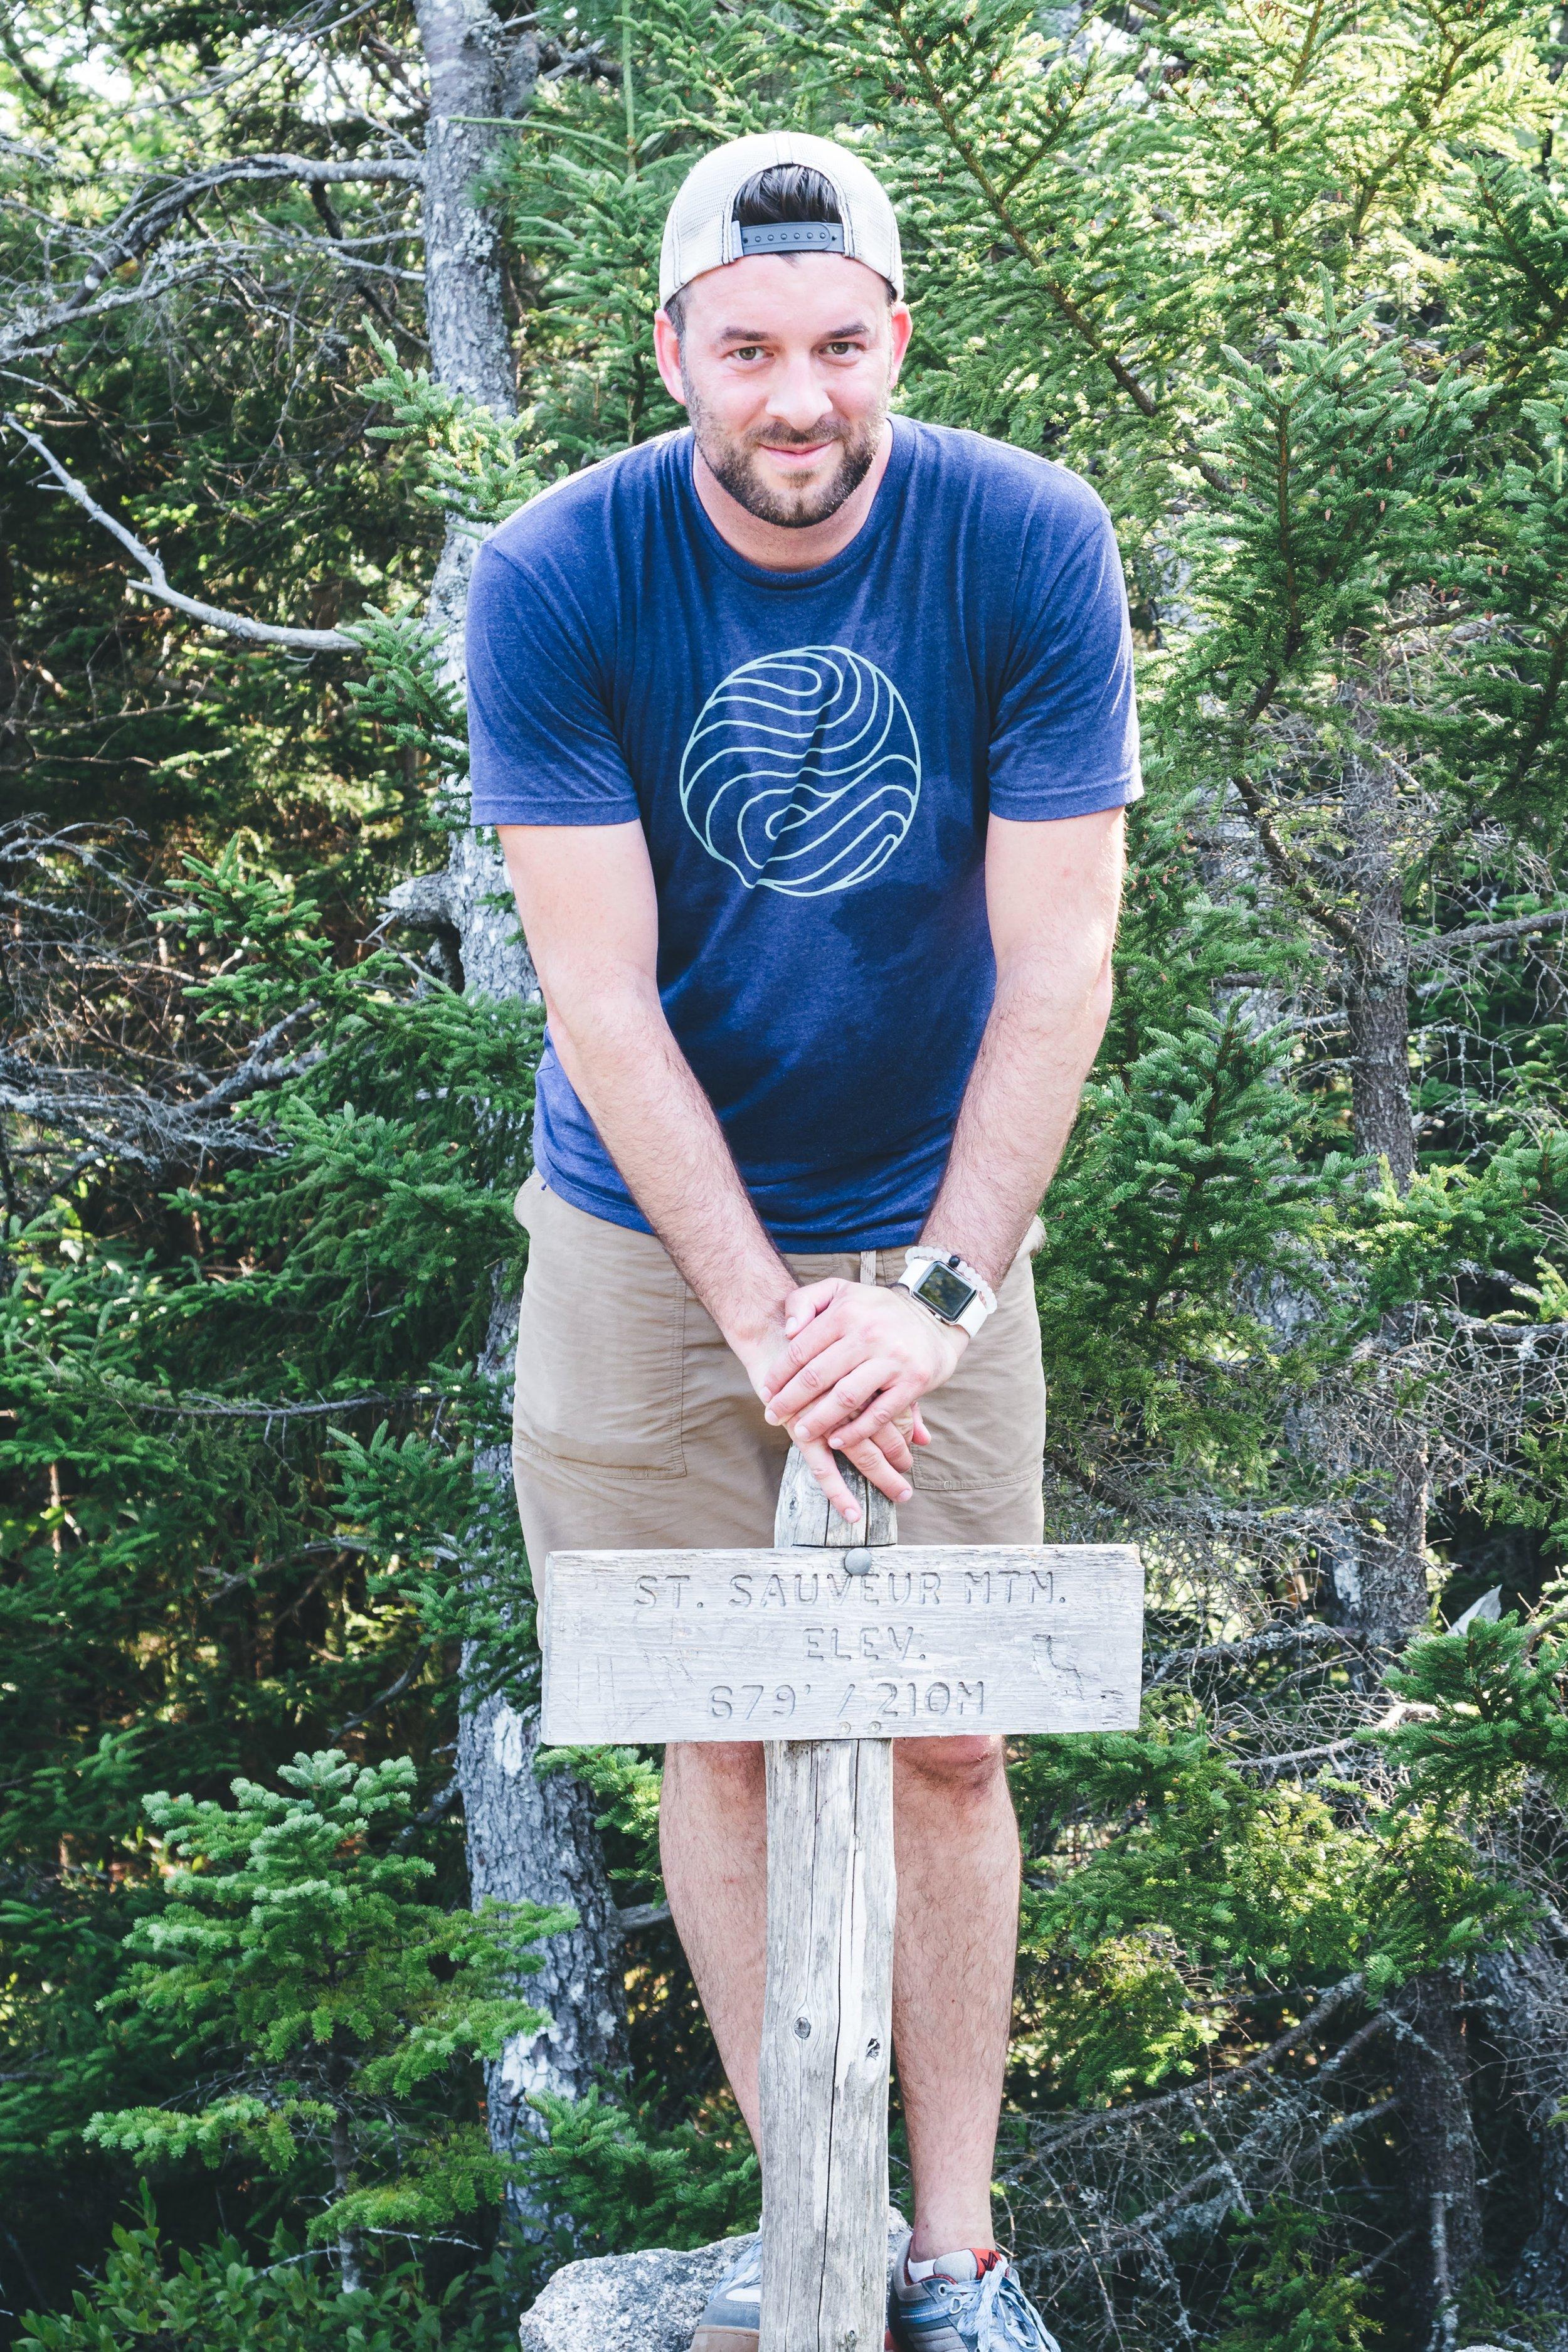 Saver Mountaint Summit